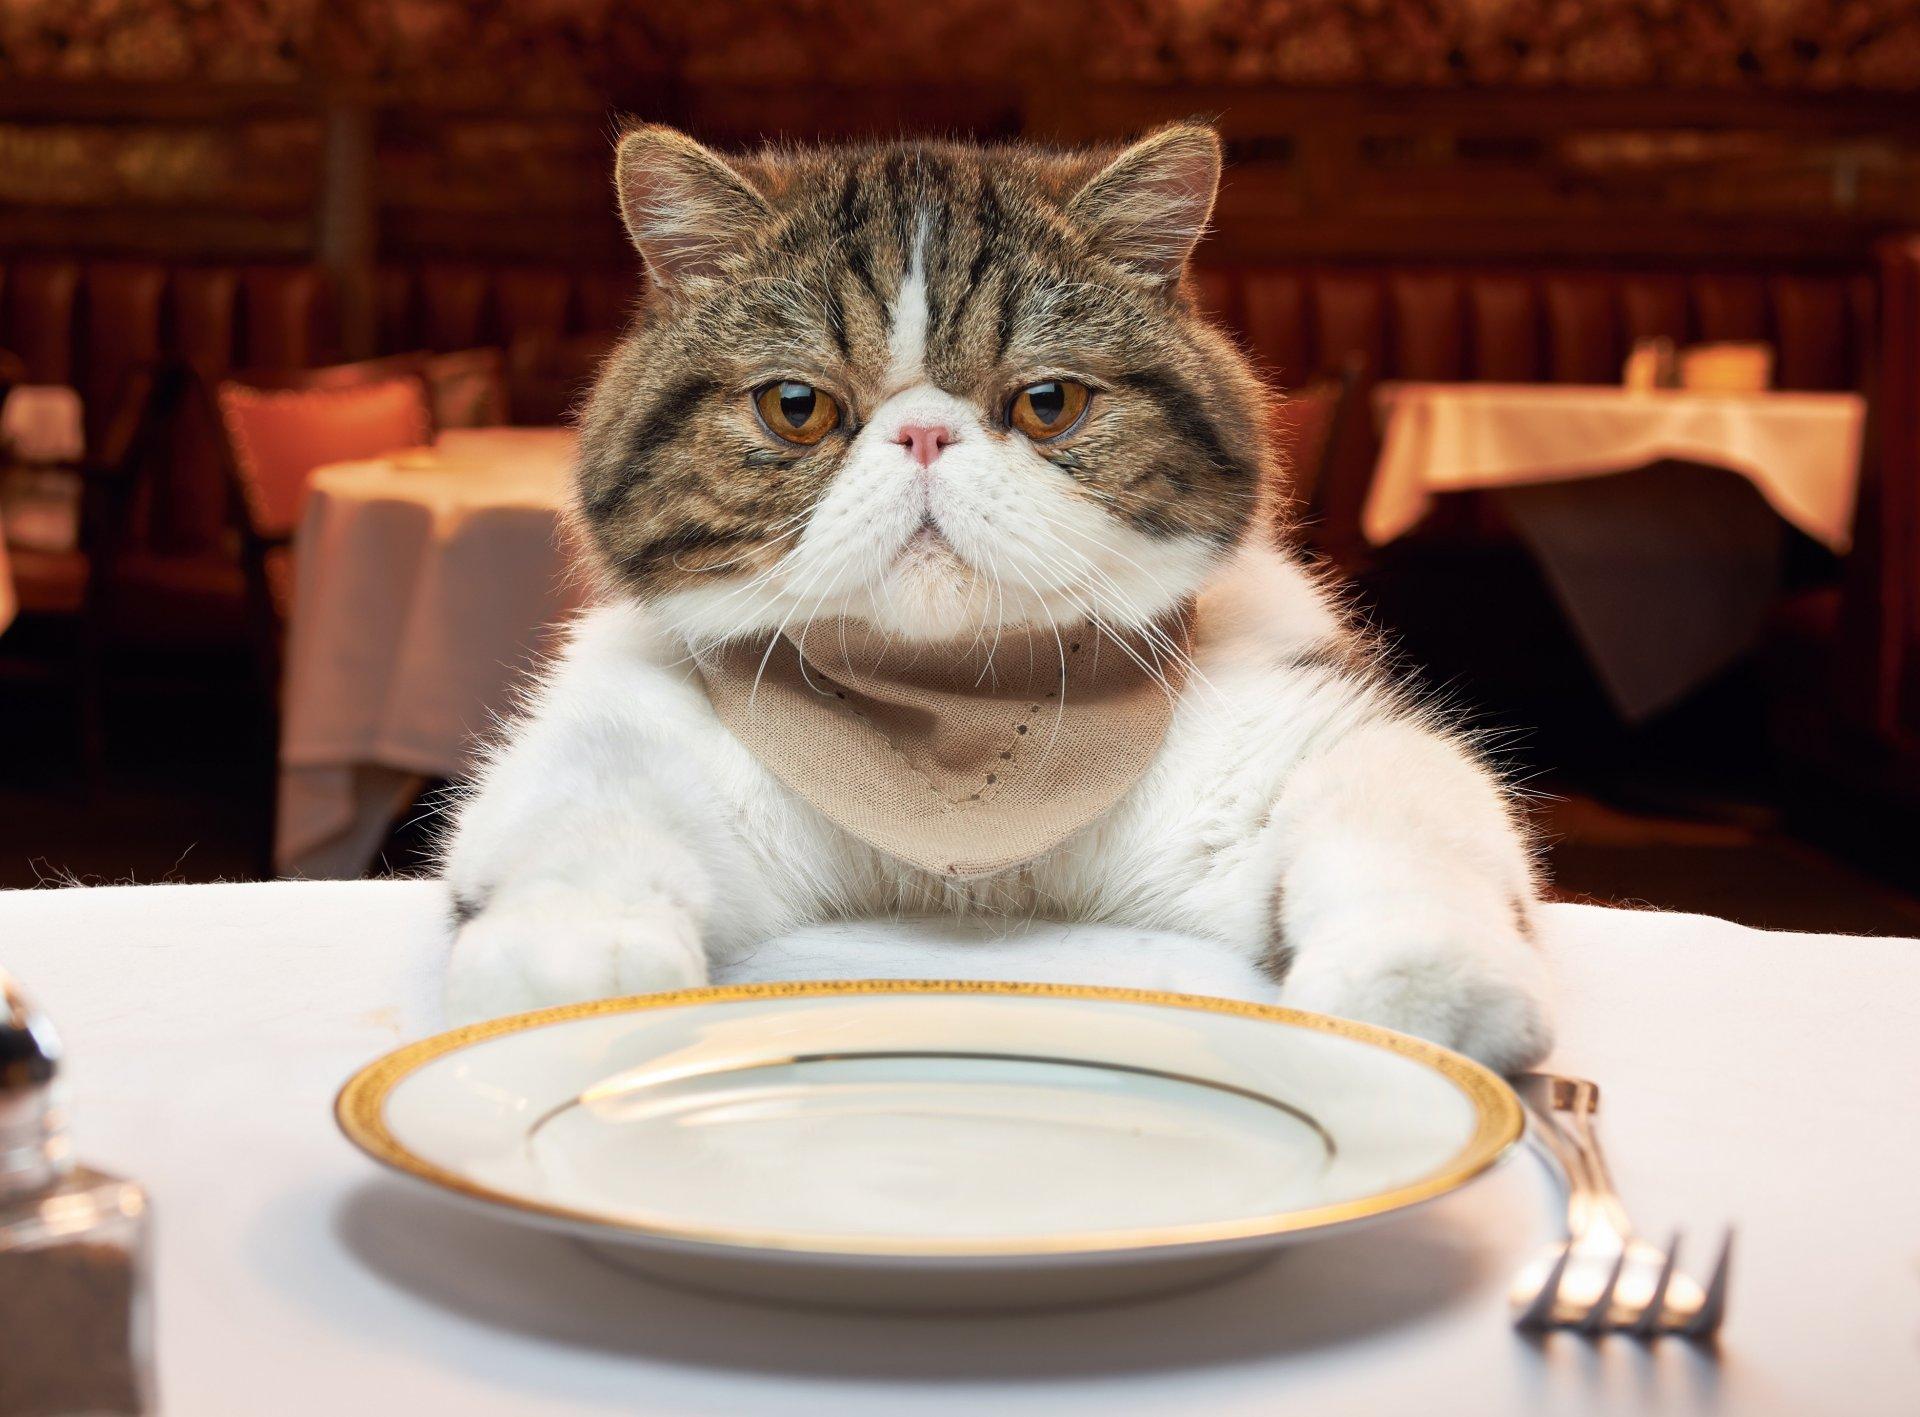 картинка пойдем кушать работу запросу посудница